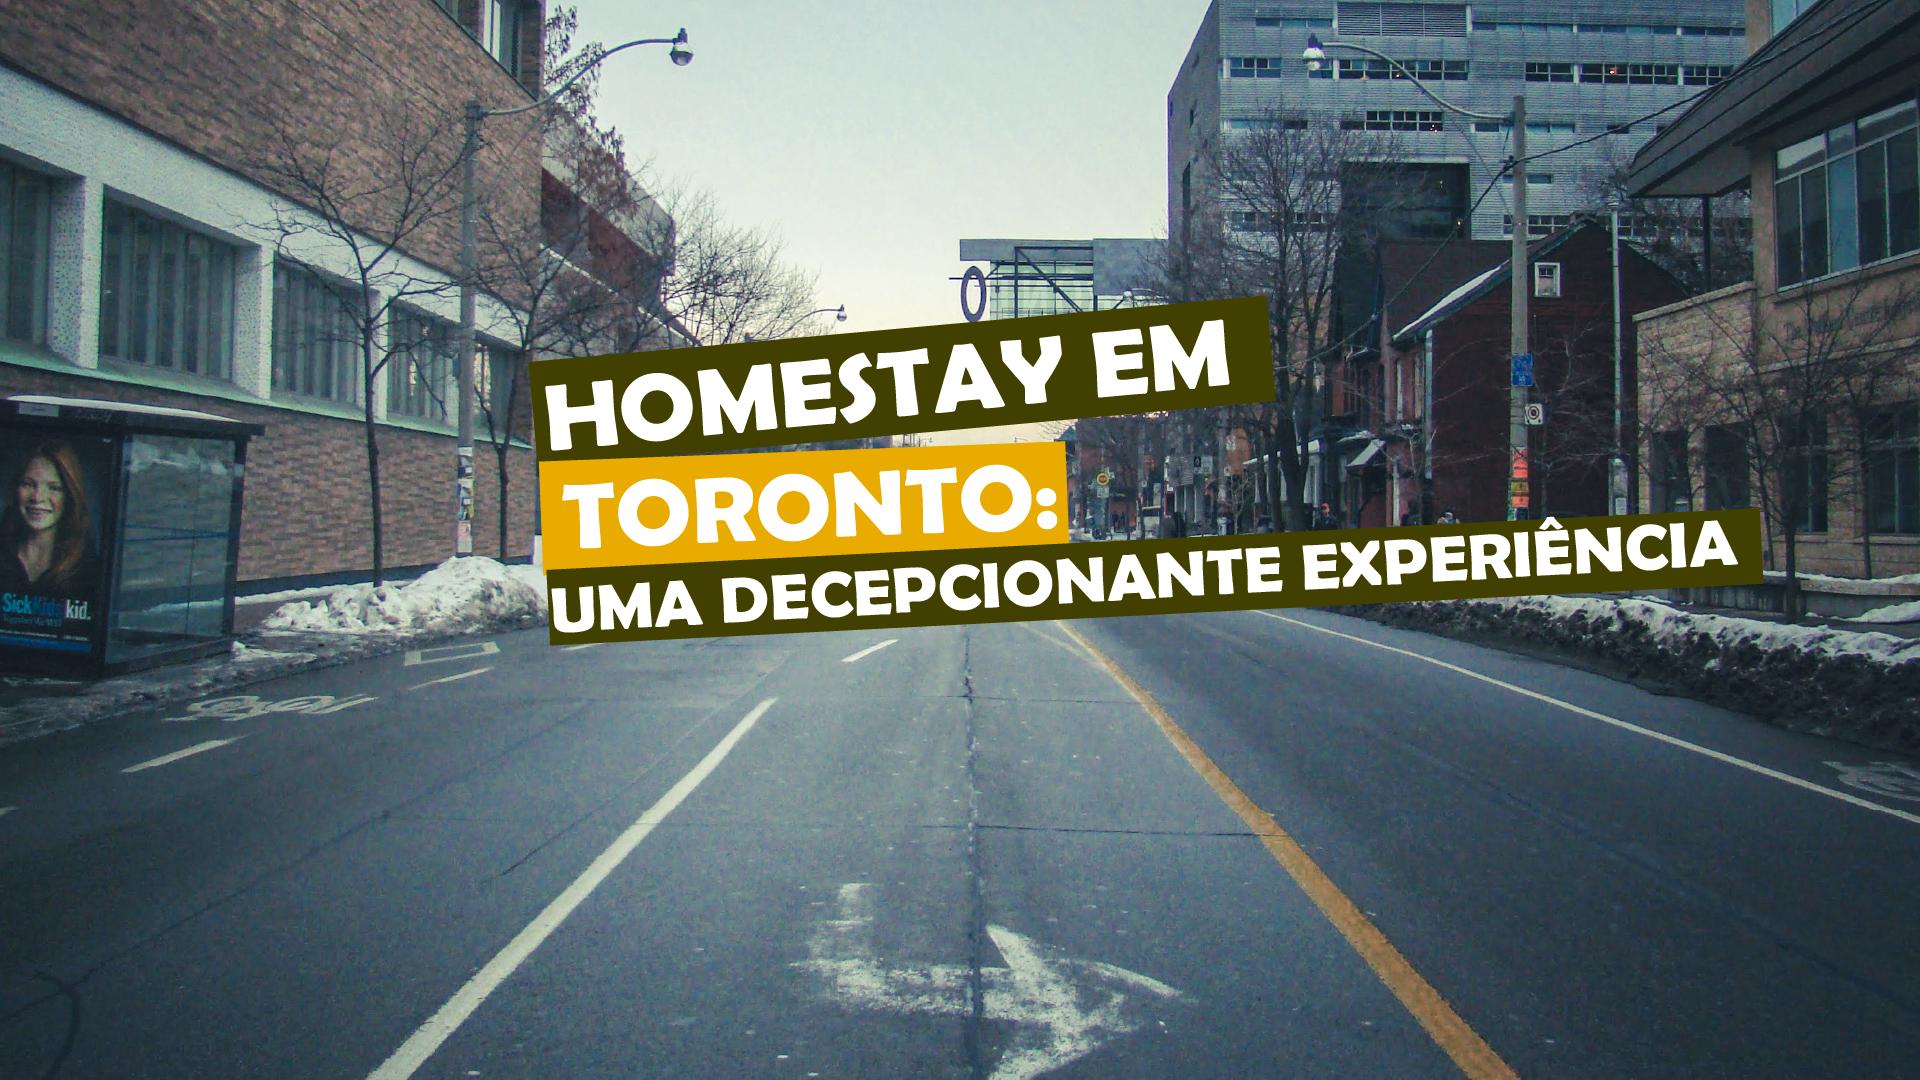 You are currently viewing Homestay em Toronto: Uma decepcionante experiência